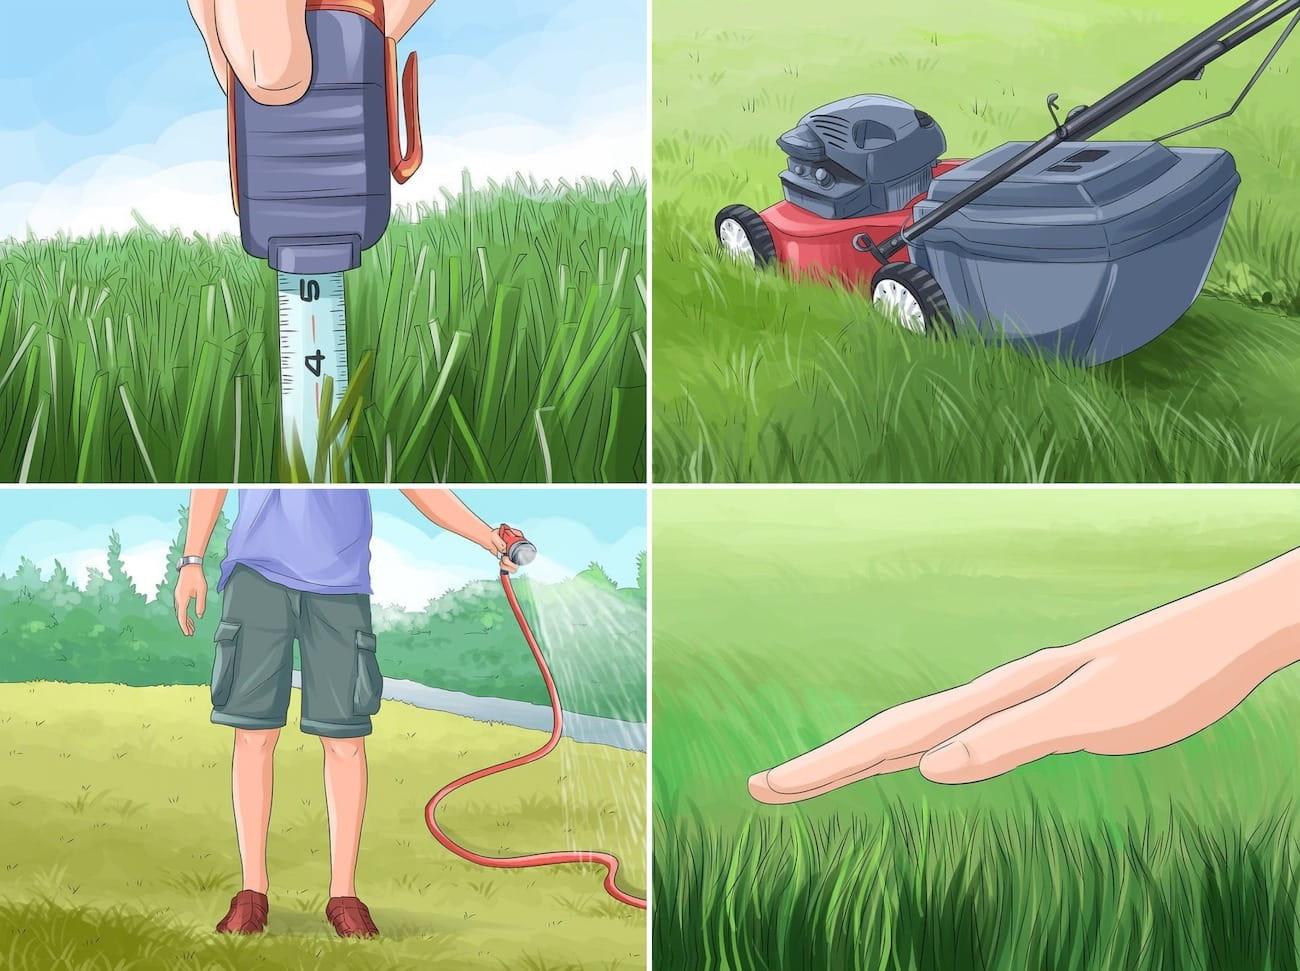 Окончив стрижку, газон нужно обязательно полить, после этой процедуры он сразу зеленеет